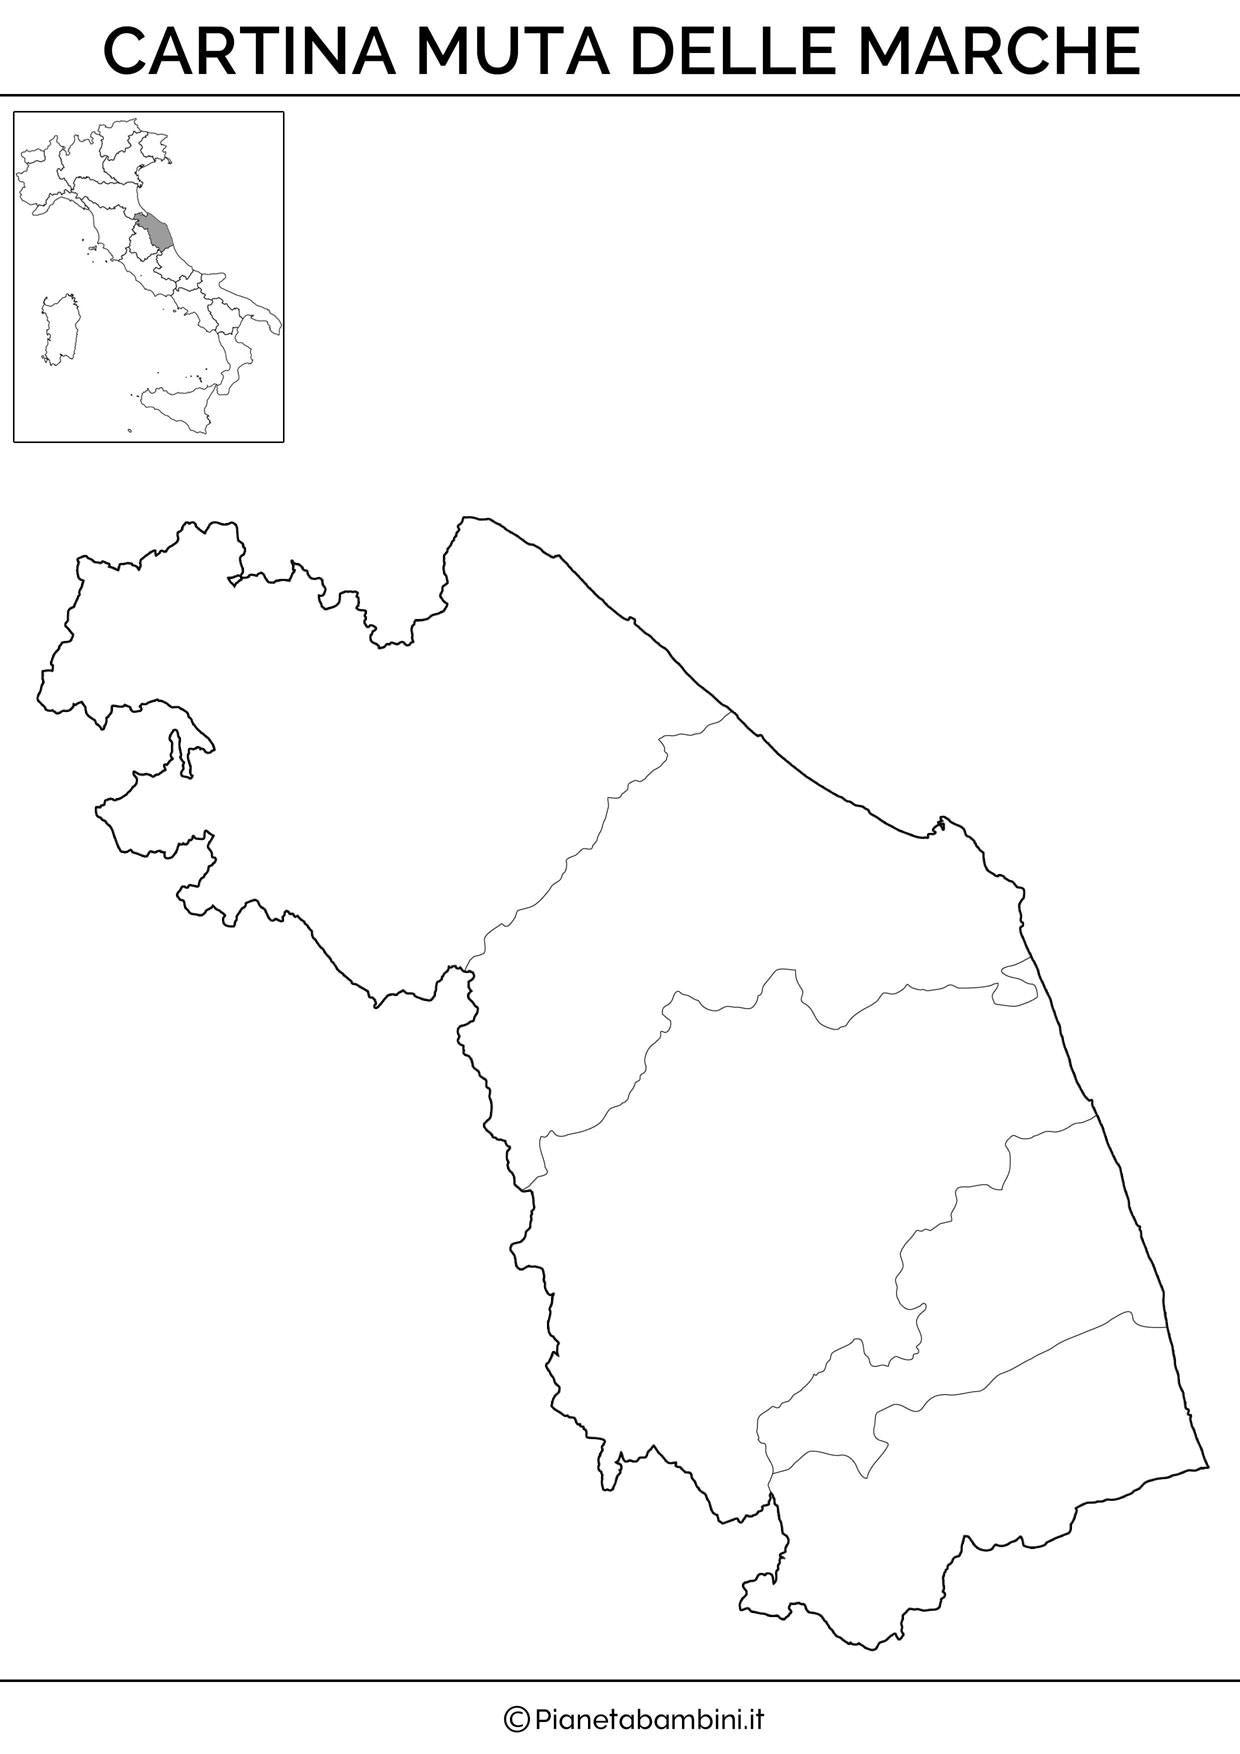 Cartina Geografica Delle Marche.Cartina Muta Fisica E Politica Delle Marche Da Stampare L